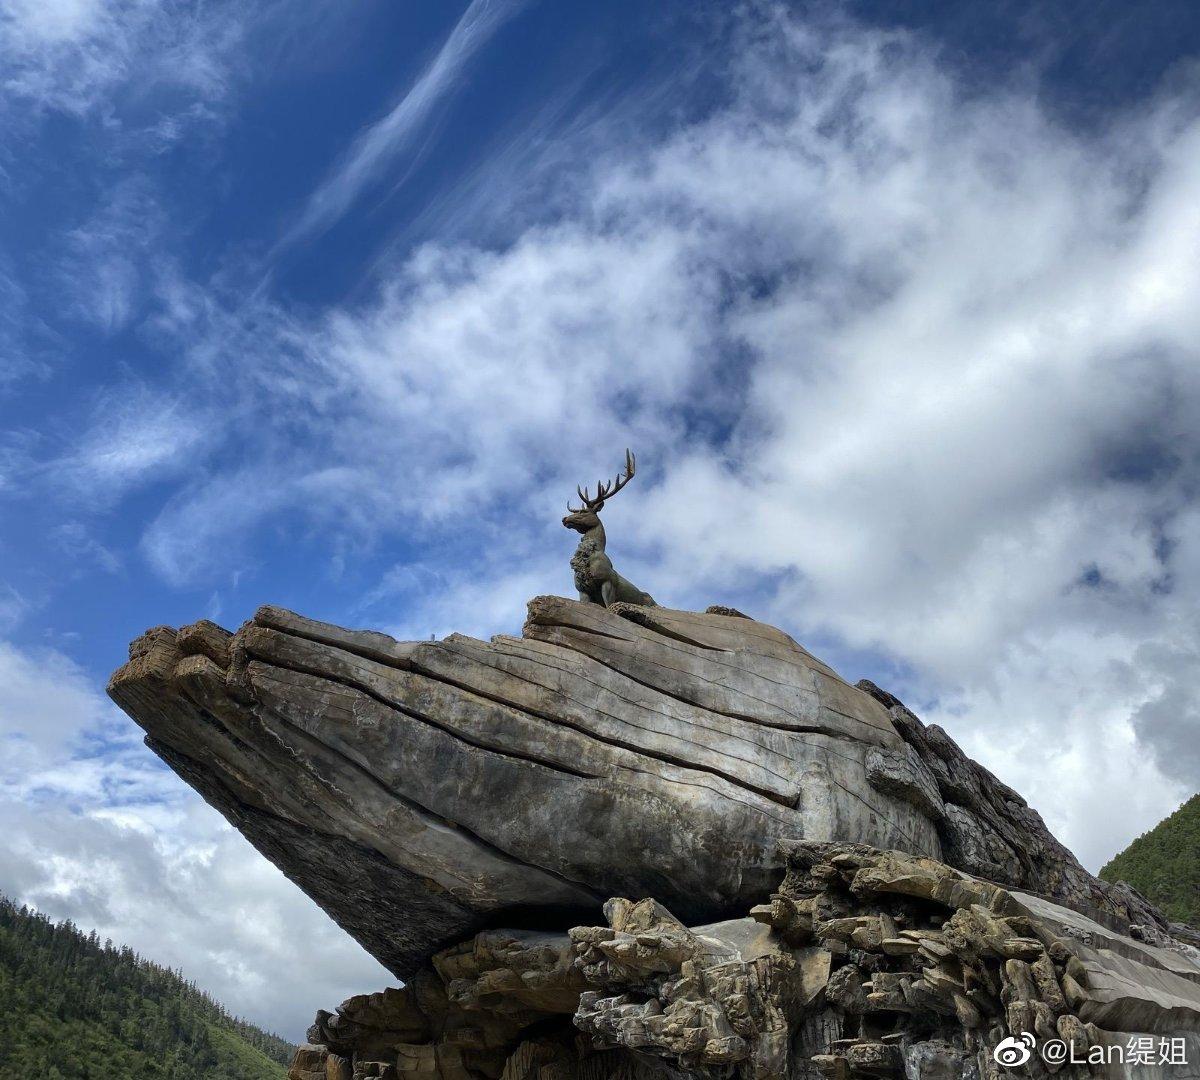 普达措位于云南省迪庆藏族自治州香格里拉县(原名为中甸县)